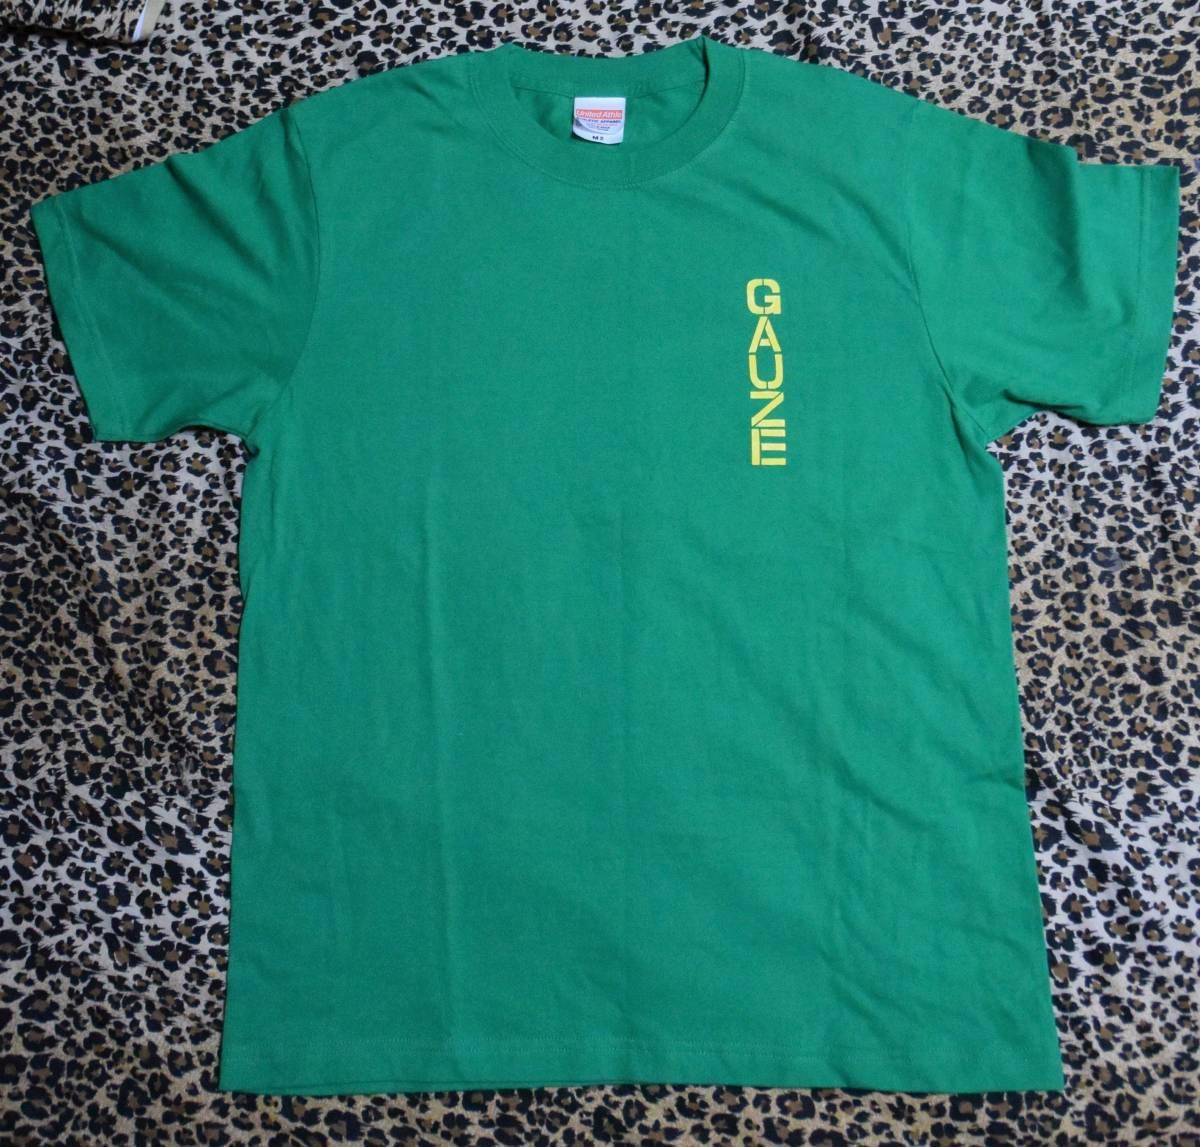 GAUZE みっともねえから泣き事言うな Tシャツ 緑 Mサイズ 完全新品未使用 激レア ガーゼ